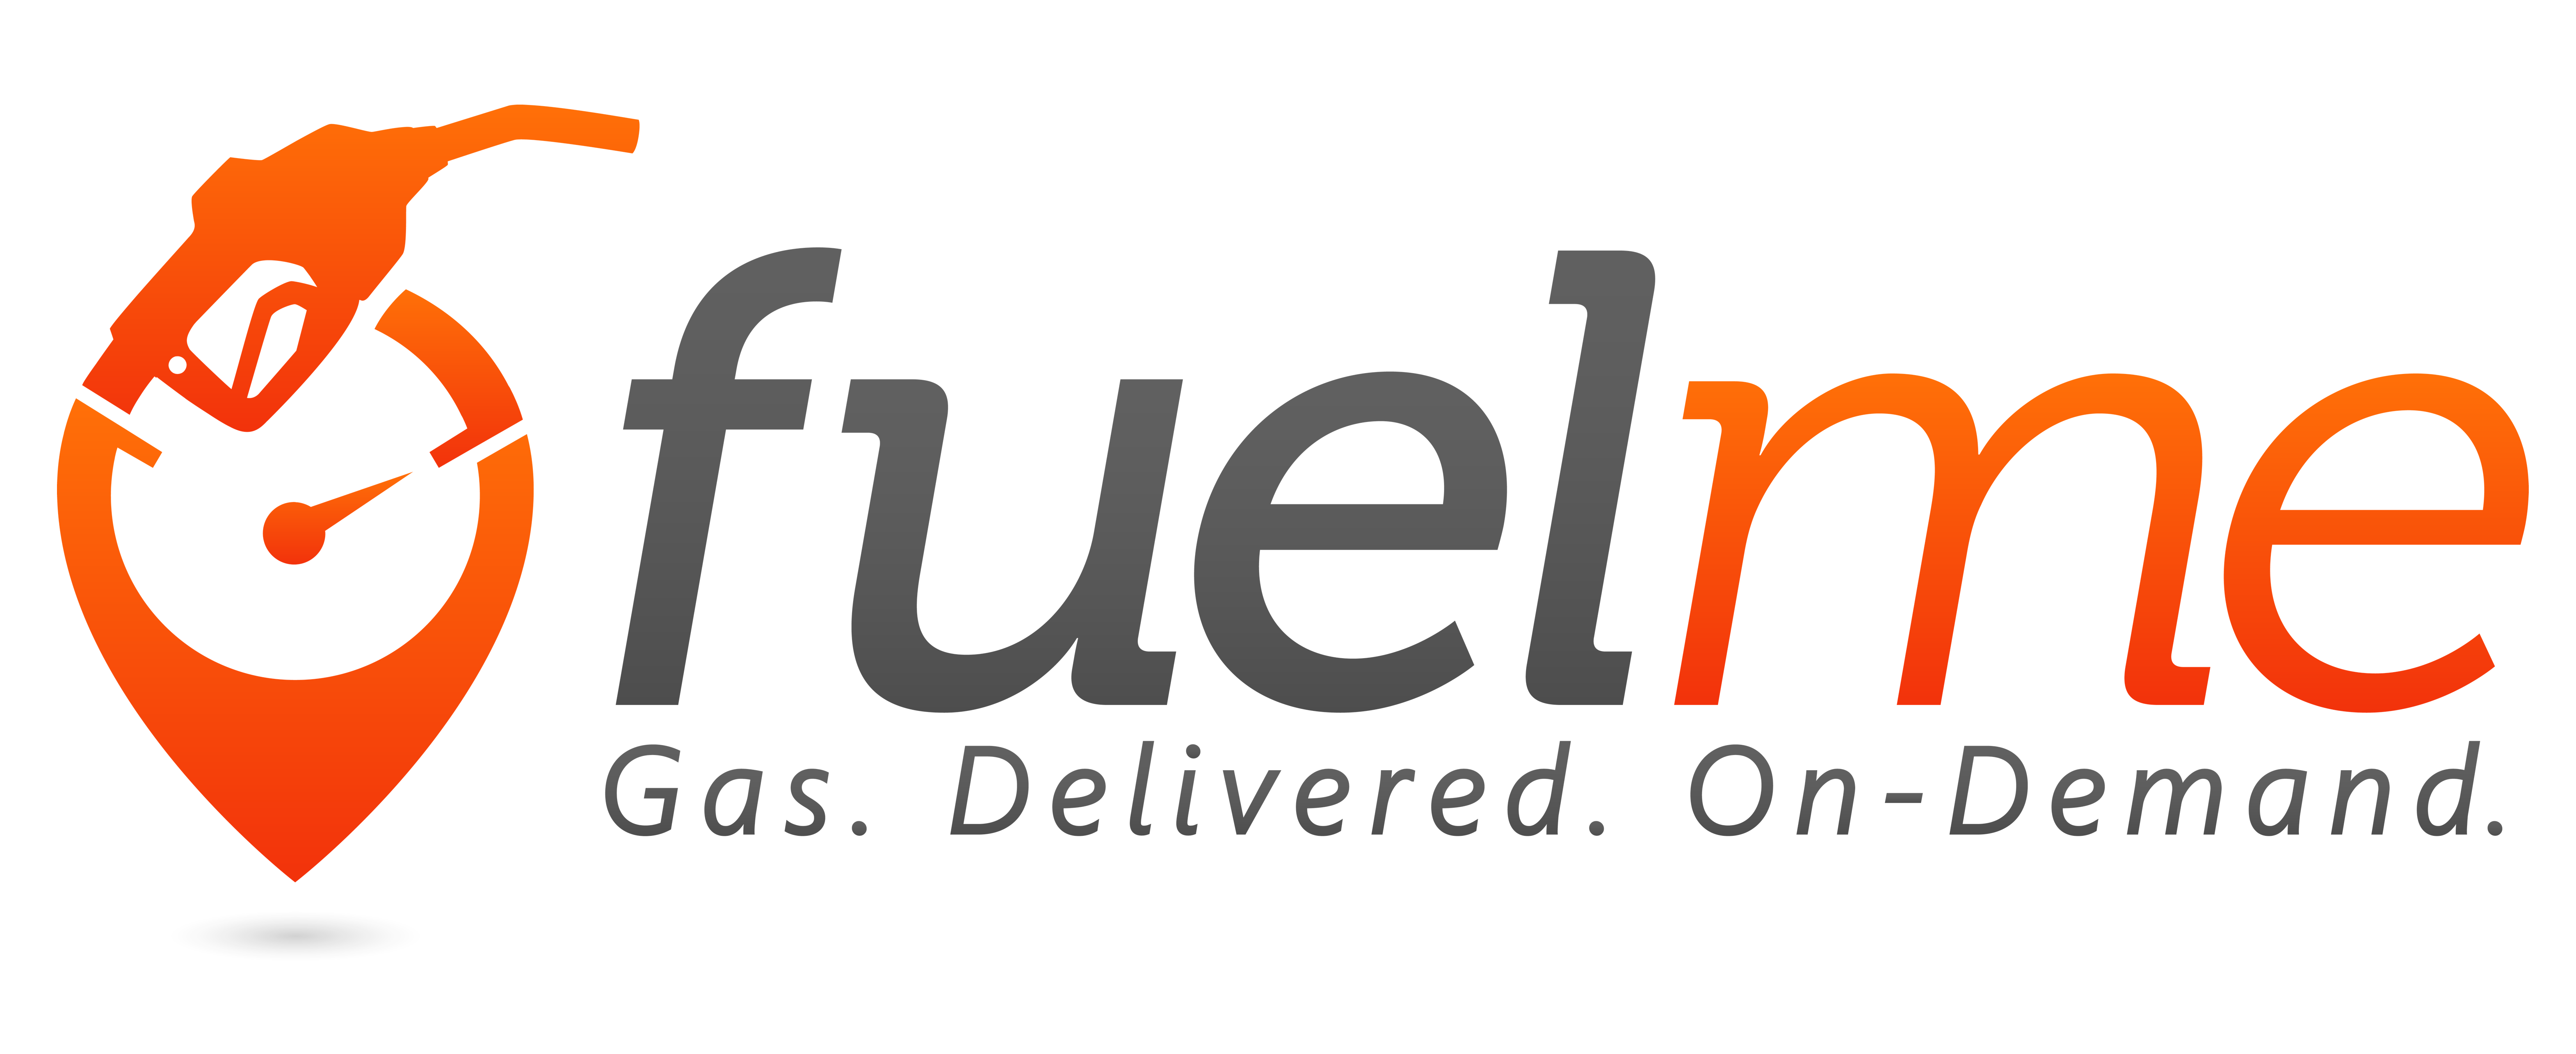 Fuel Logos.